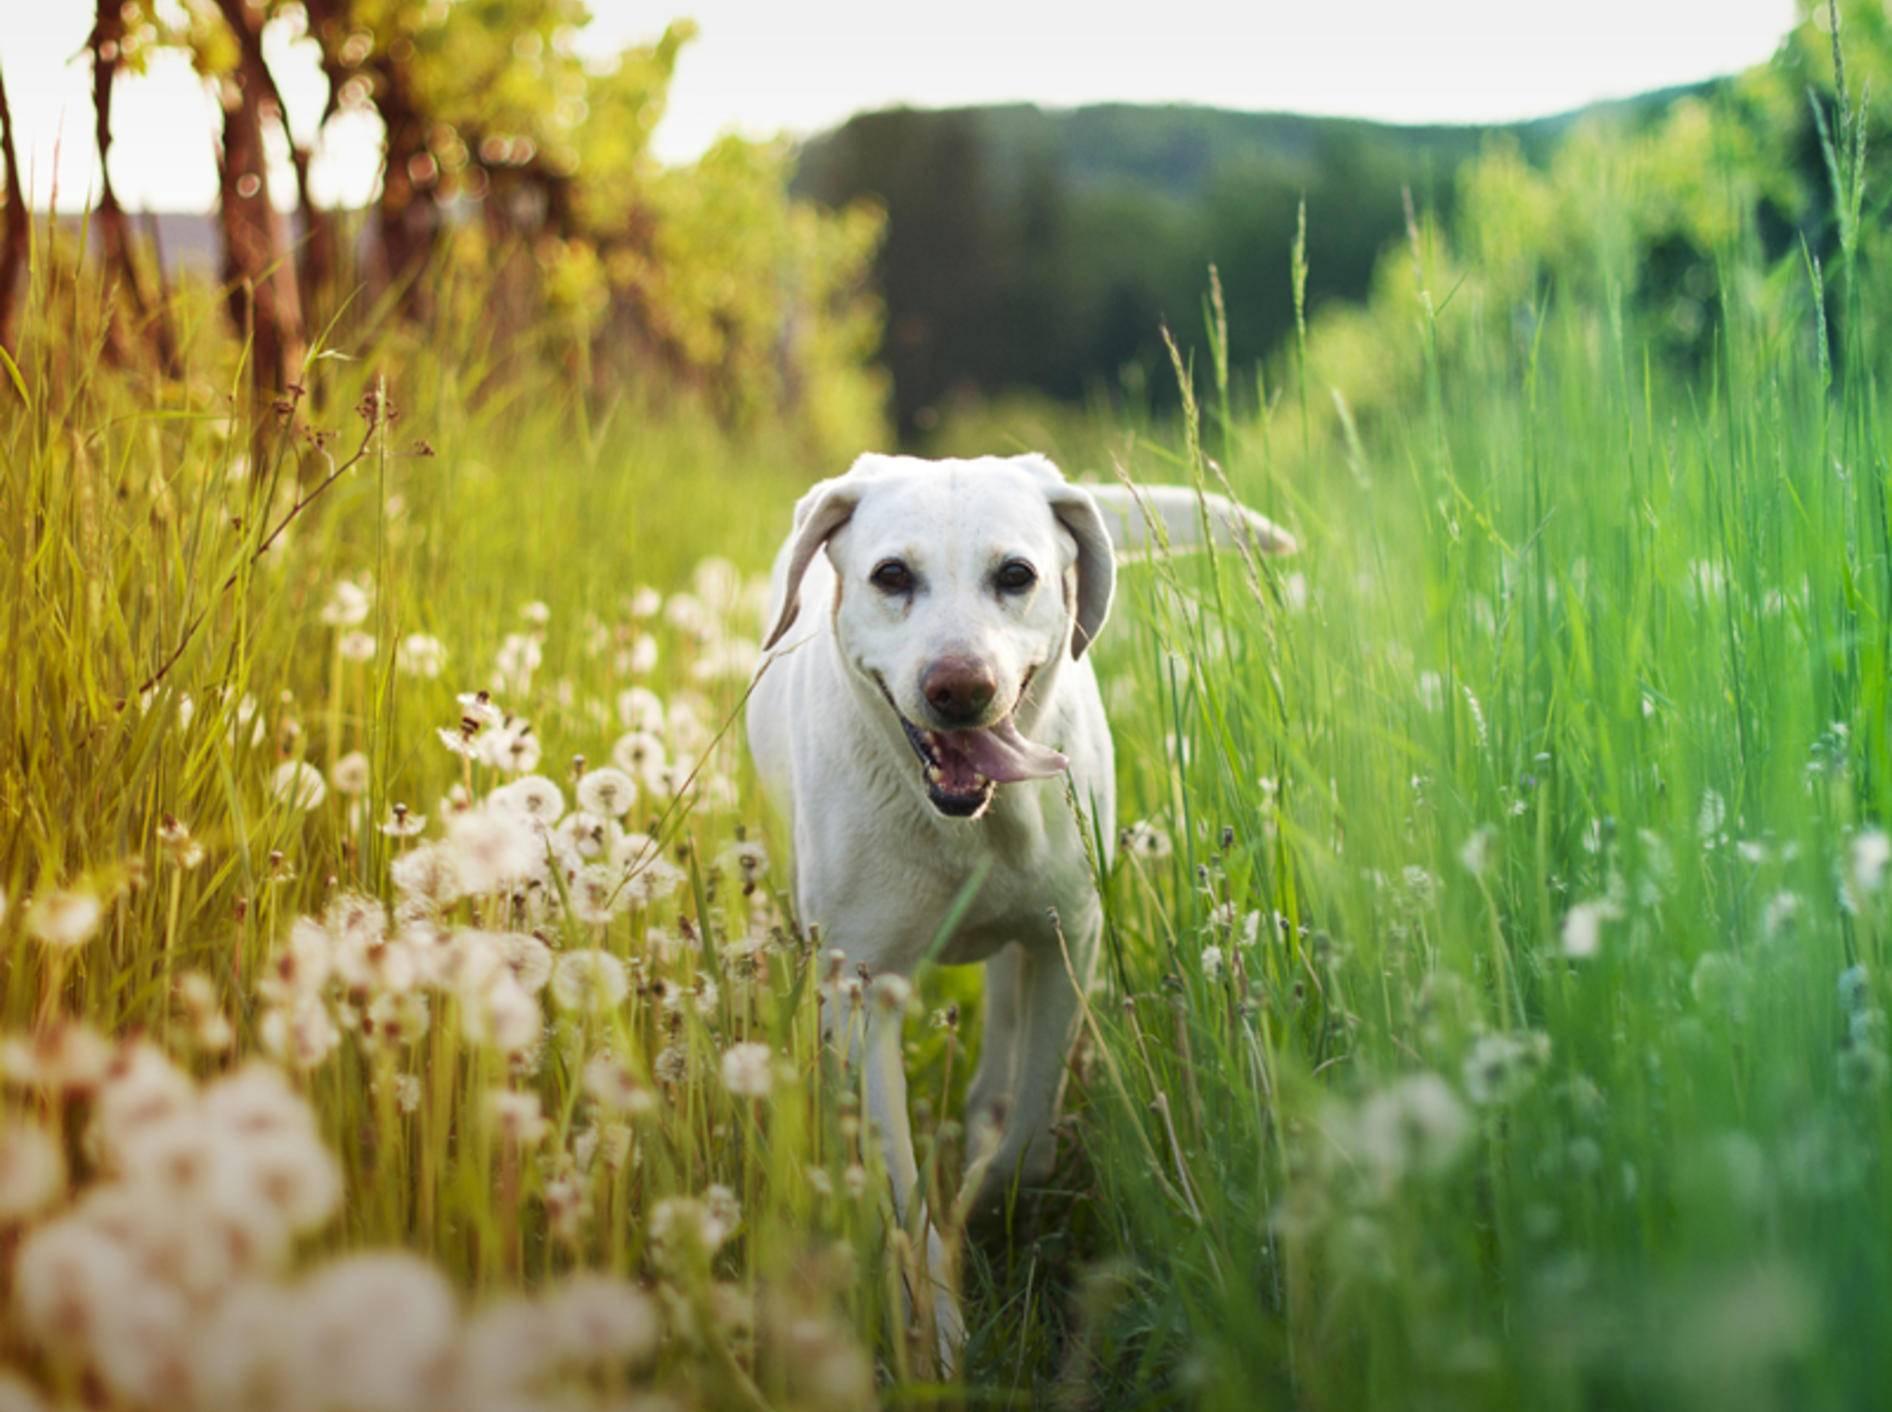 Vorsicht! In hohen Gräsern können sich Zecken verstecken. Schützen Sie Ihren Hund so gut es geht vor den Parasiten – Shutterstock / uhercikova